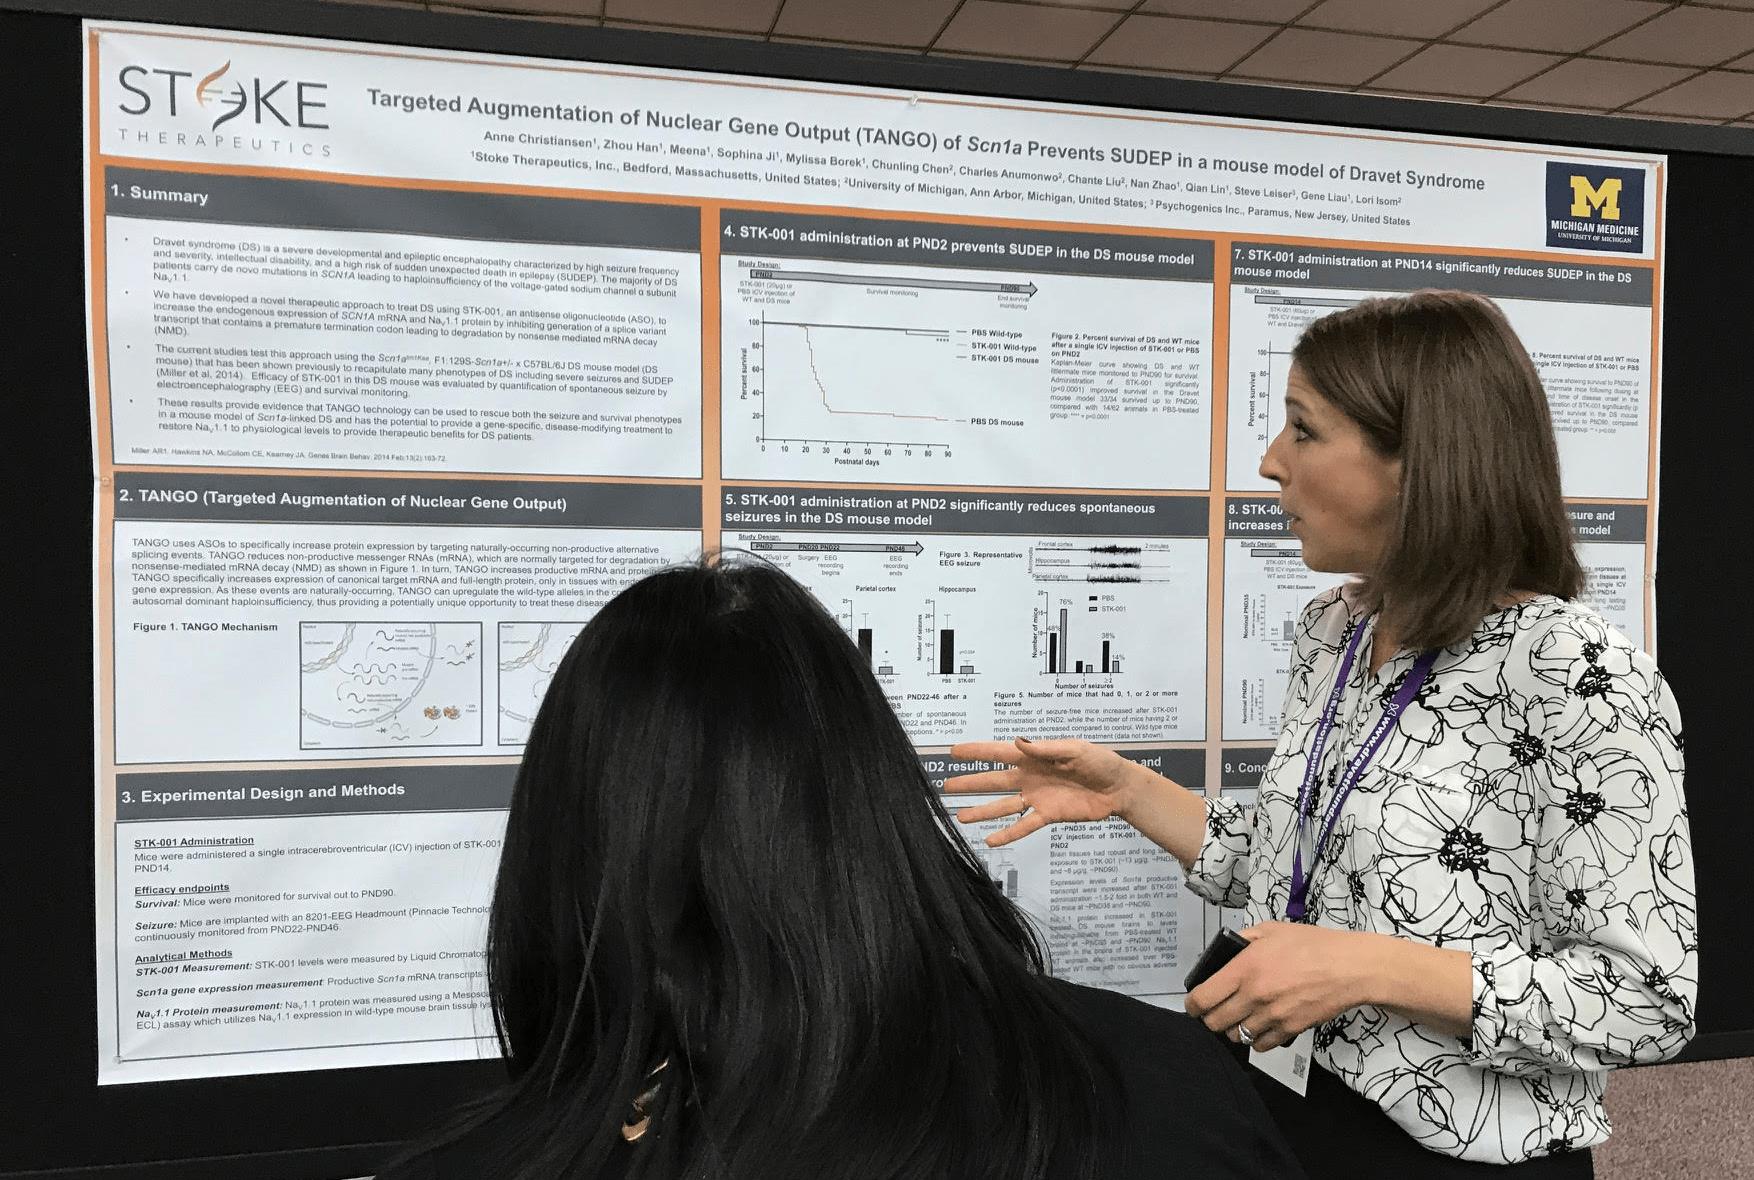 Stoke presenta datos preclinicos en la reunion anual de la Sociedad Americana de Epilepsia